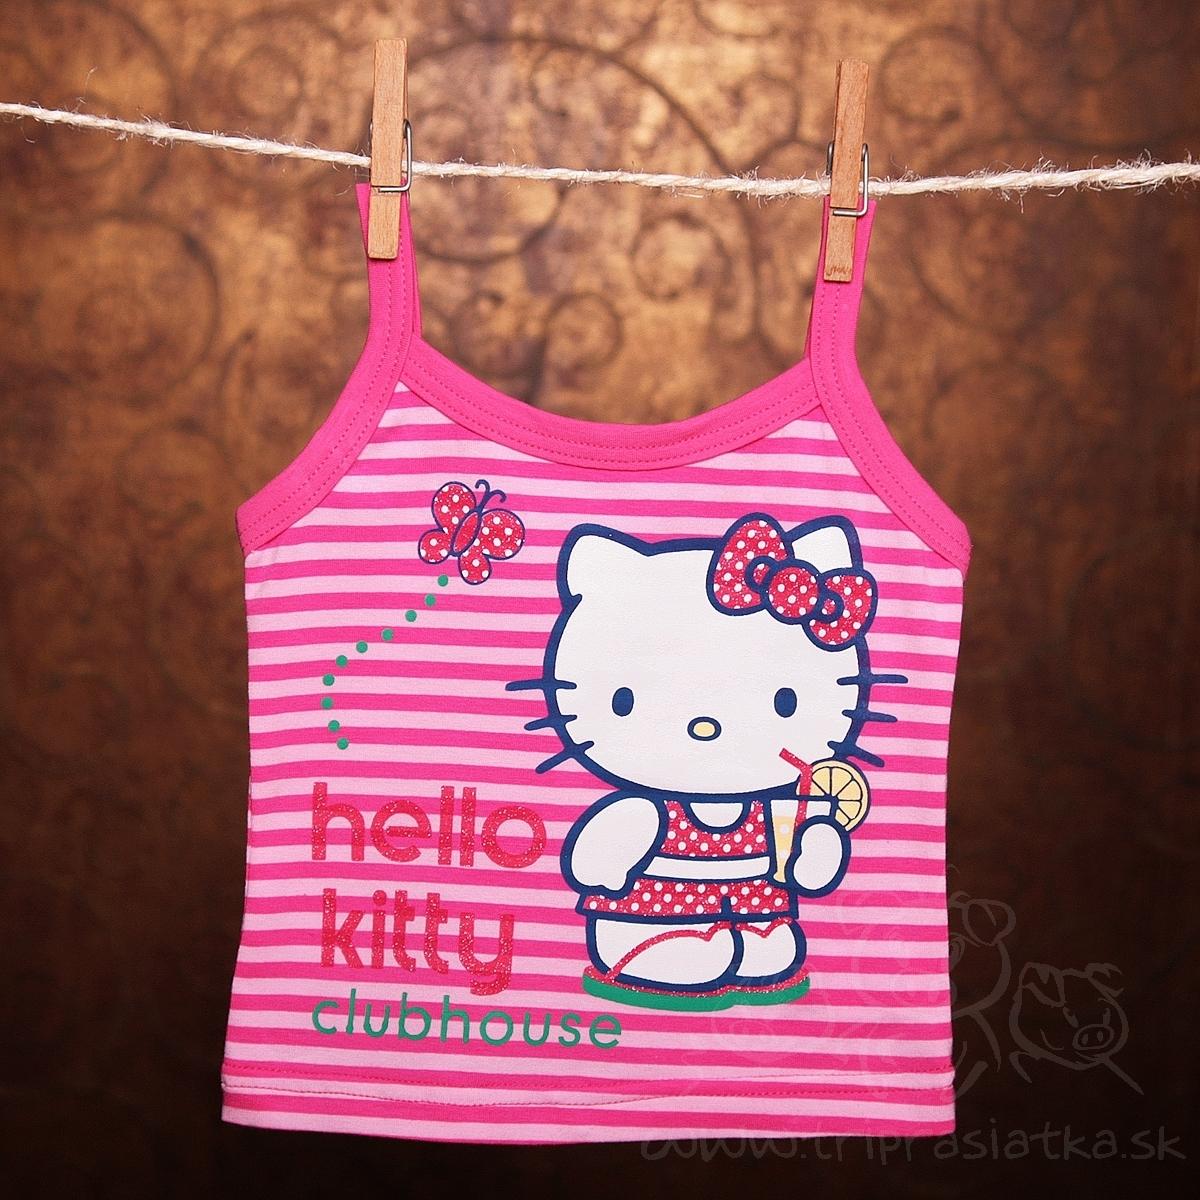 5967cca21 Detská súprava - Hello kitty / tričko na ramienka, suknička